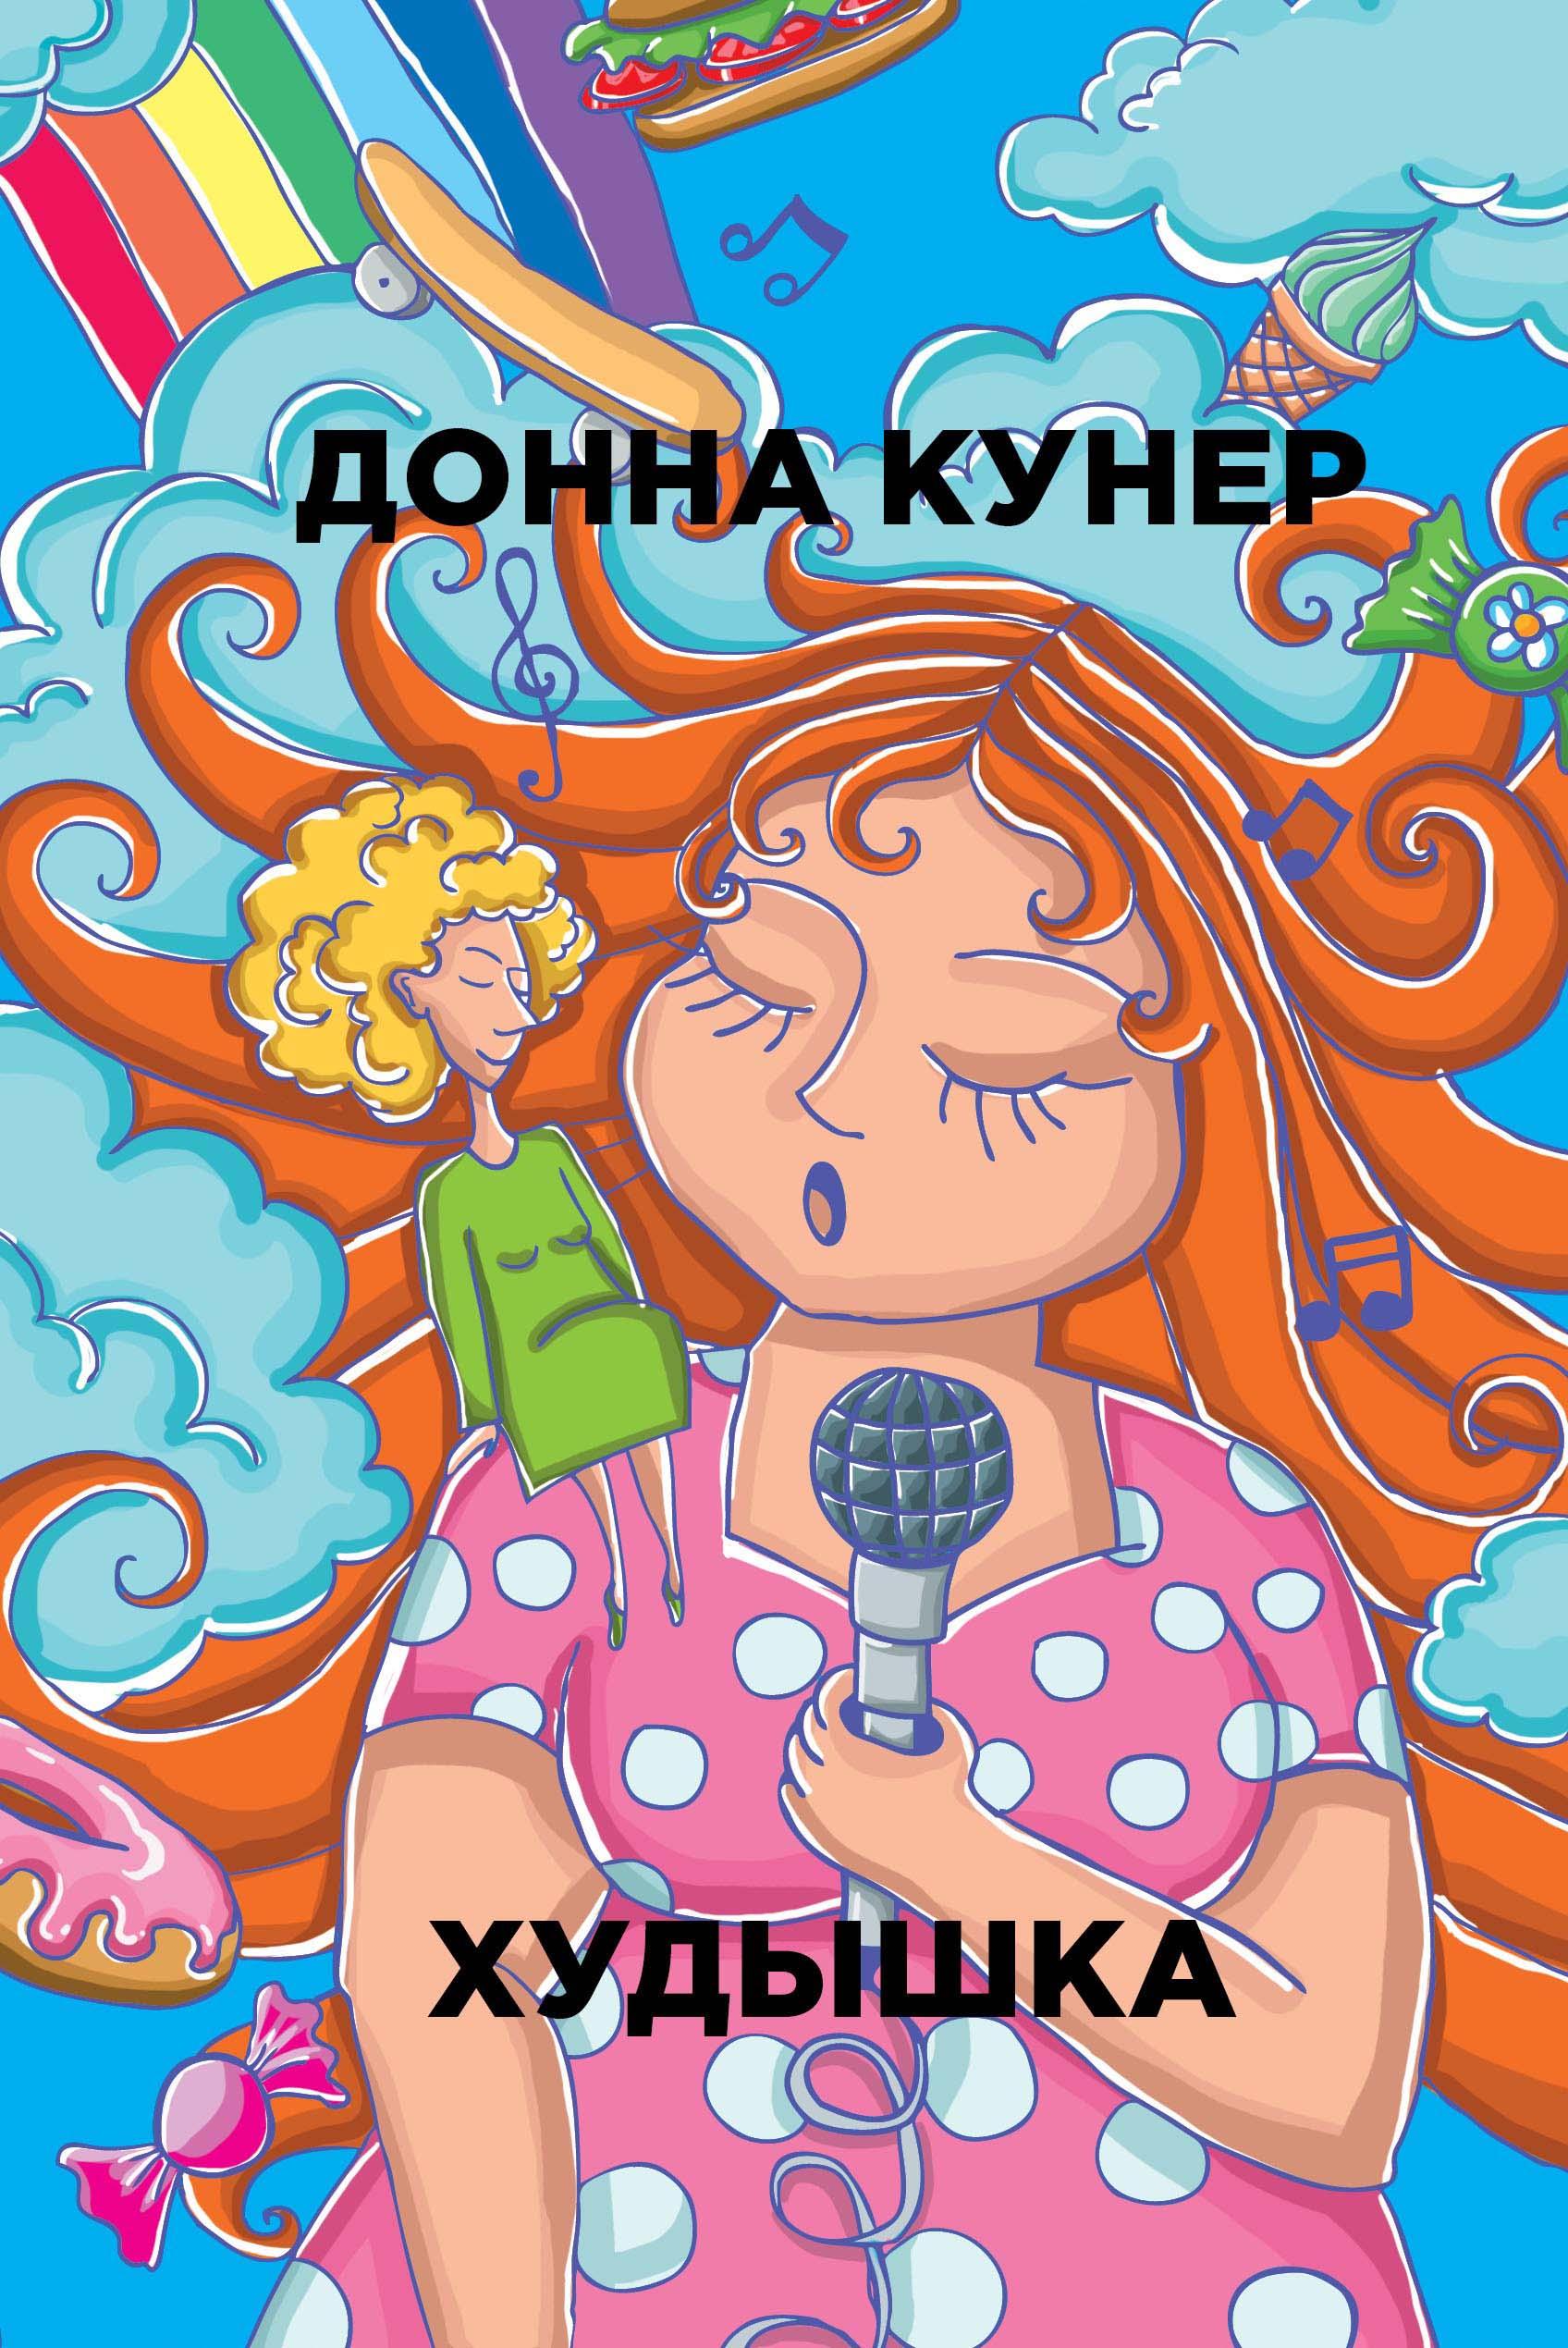 Кунер Д. Худышка